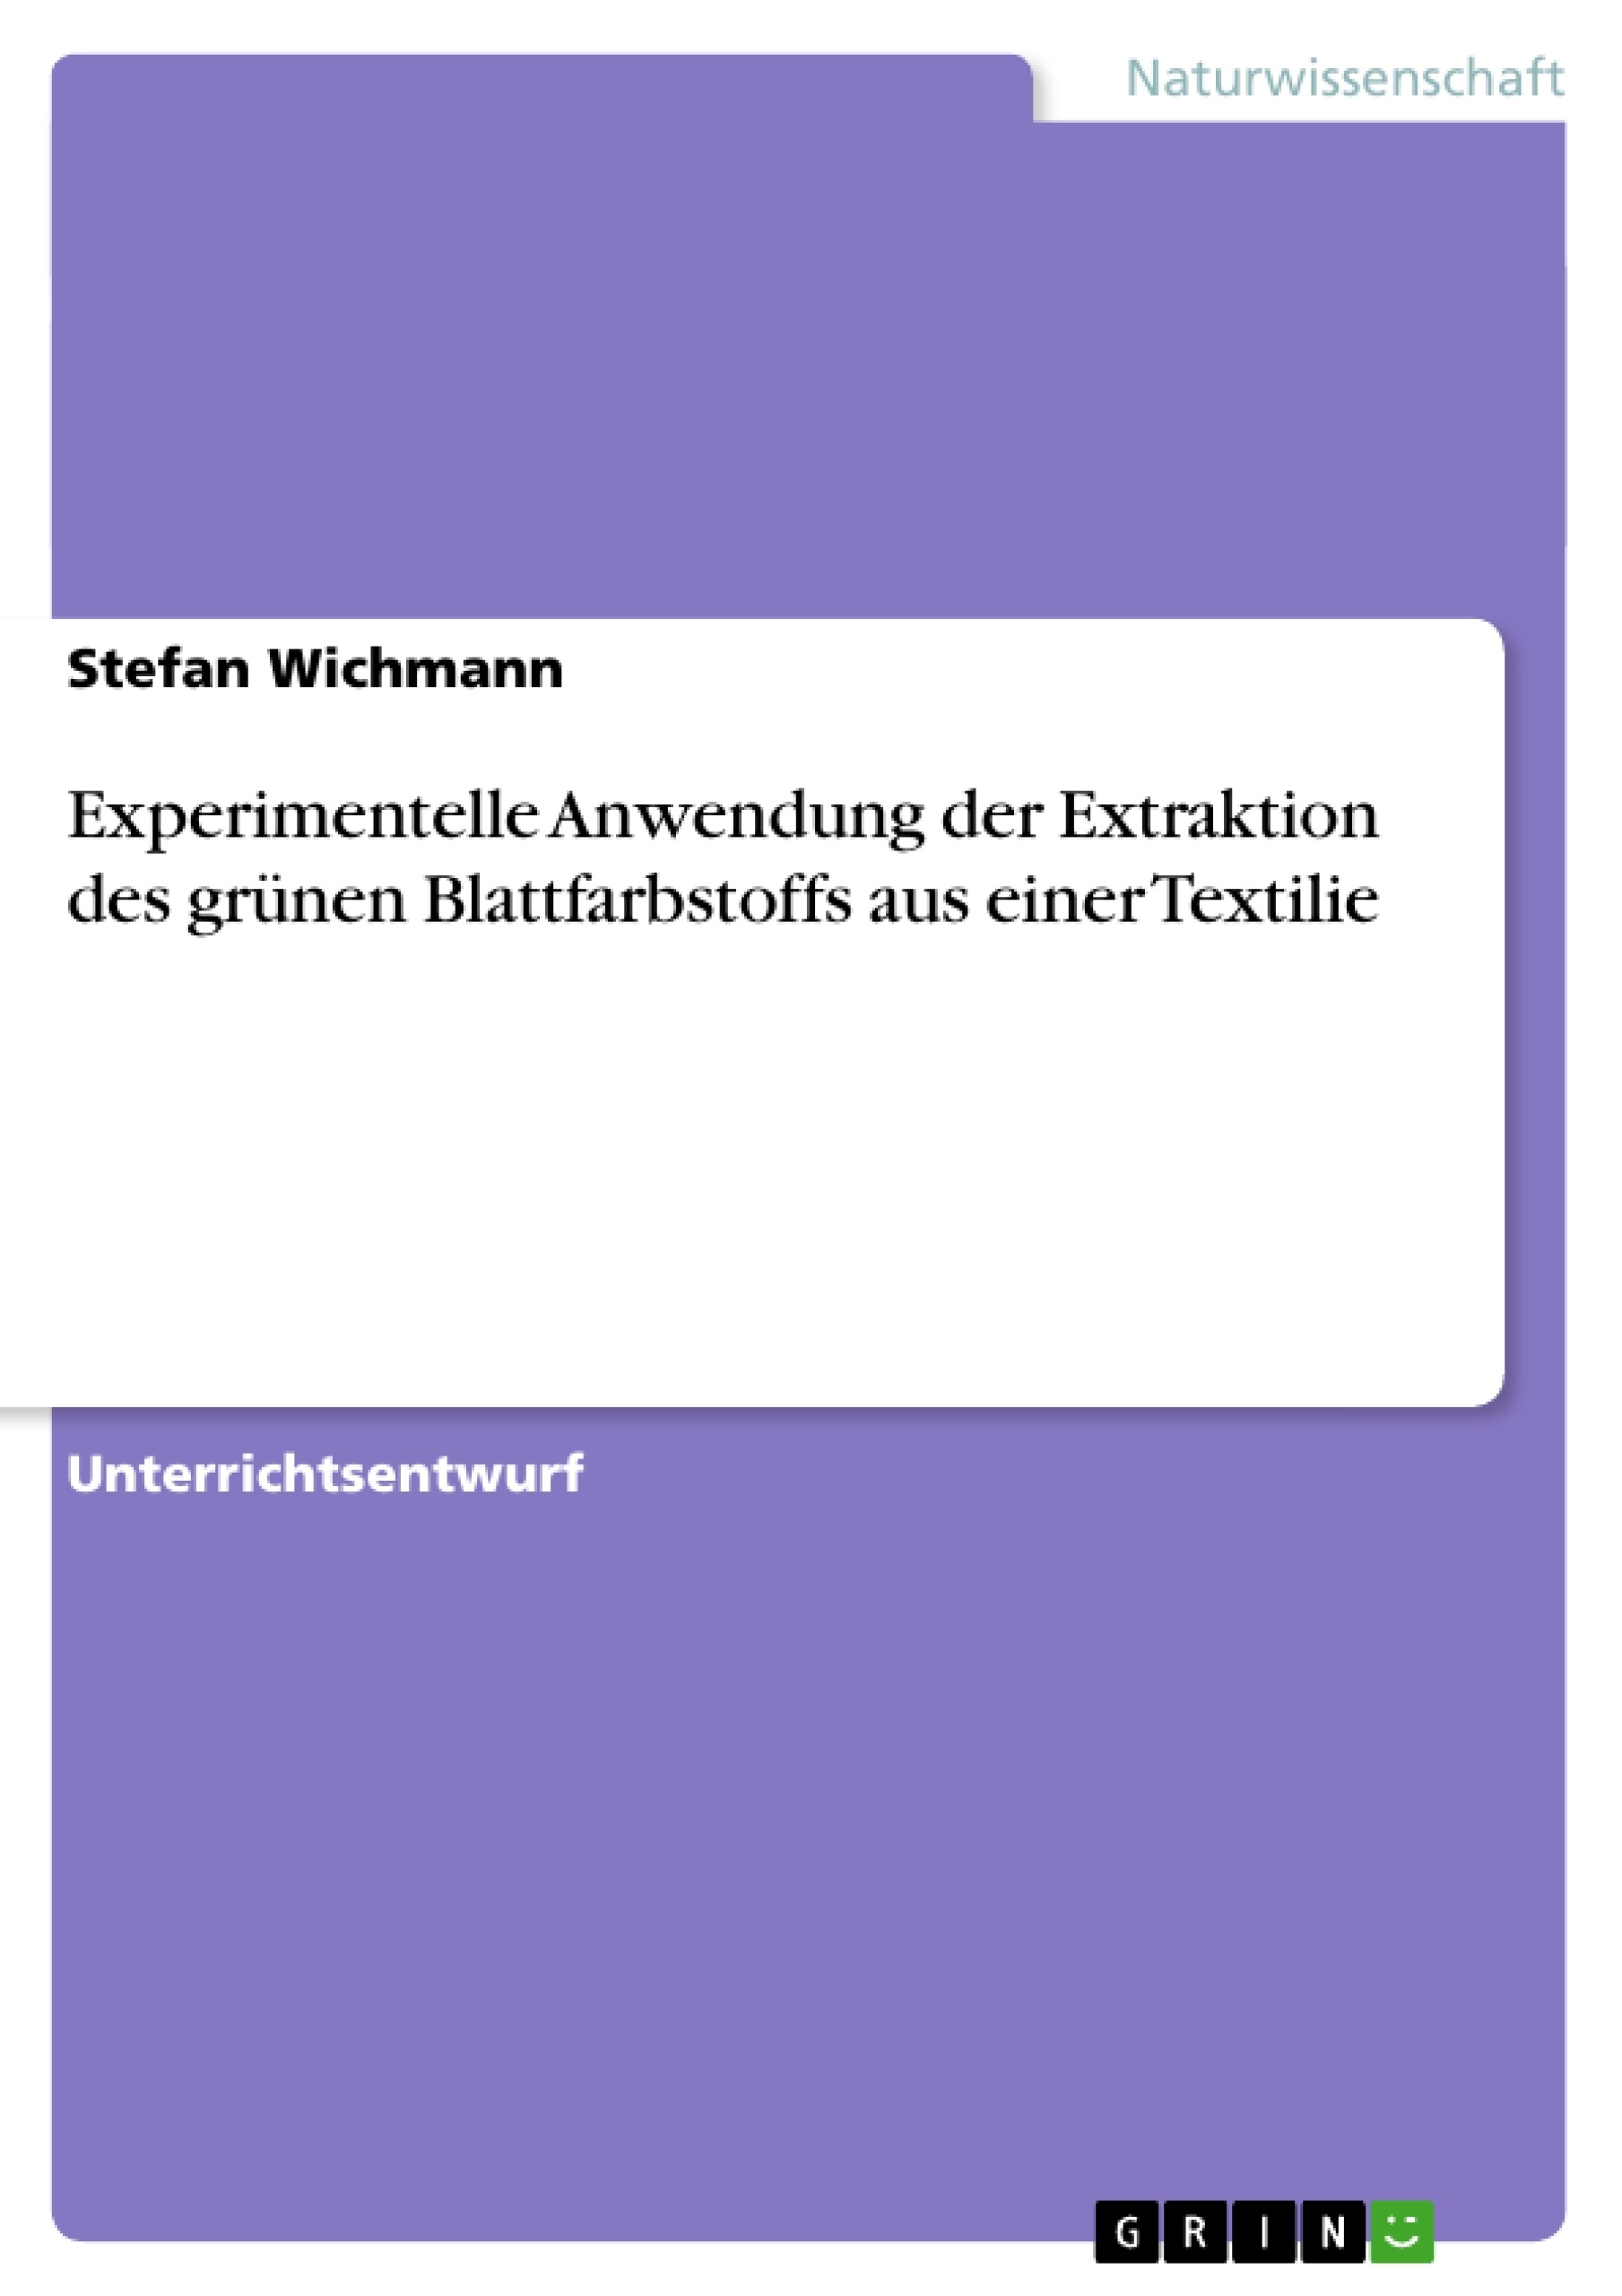 Titel: Experimentelle Anwendung der Extraktion des grünen Blattfarbstoffs aus einer Textilie